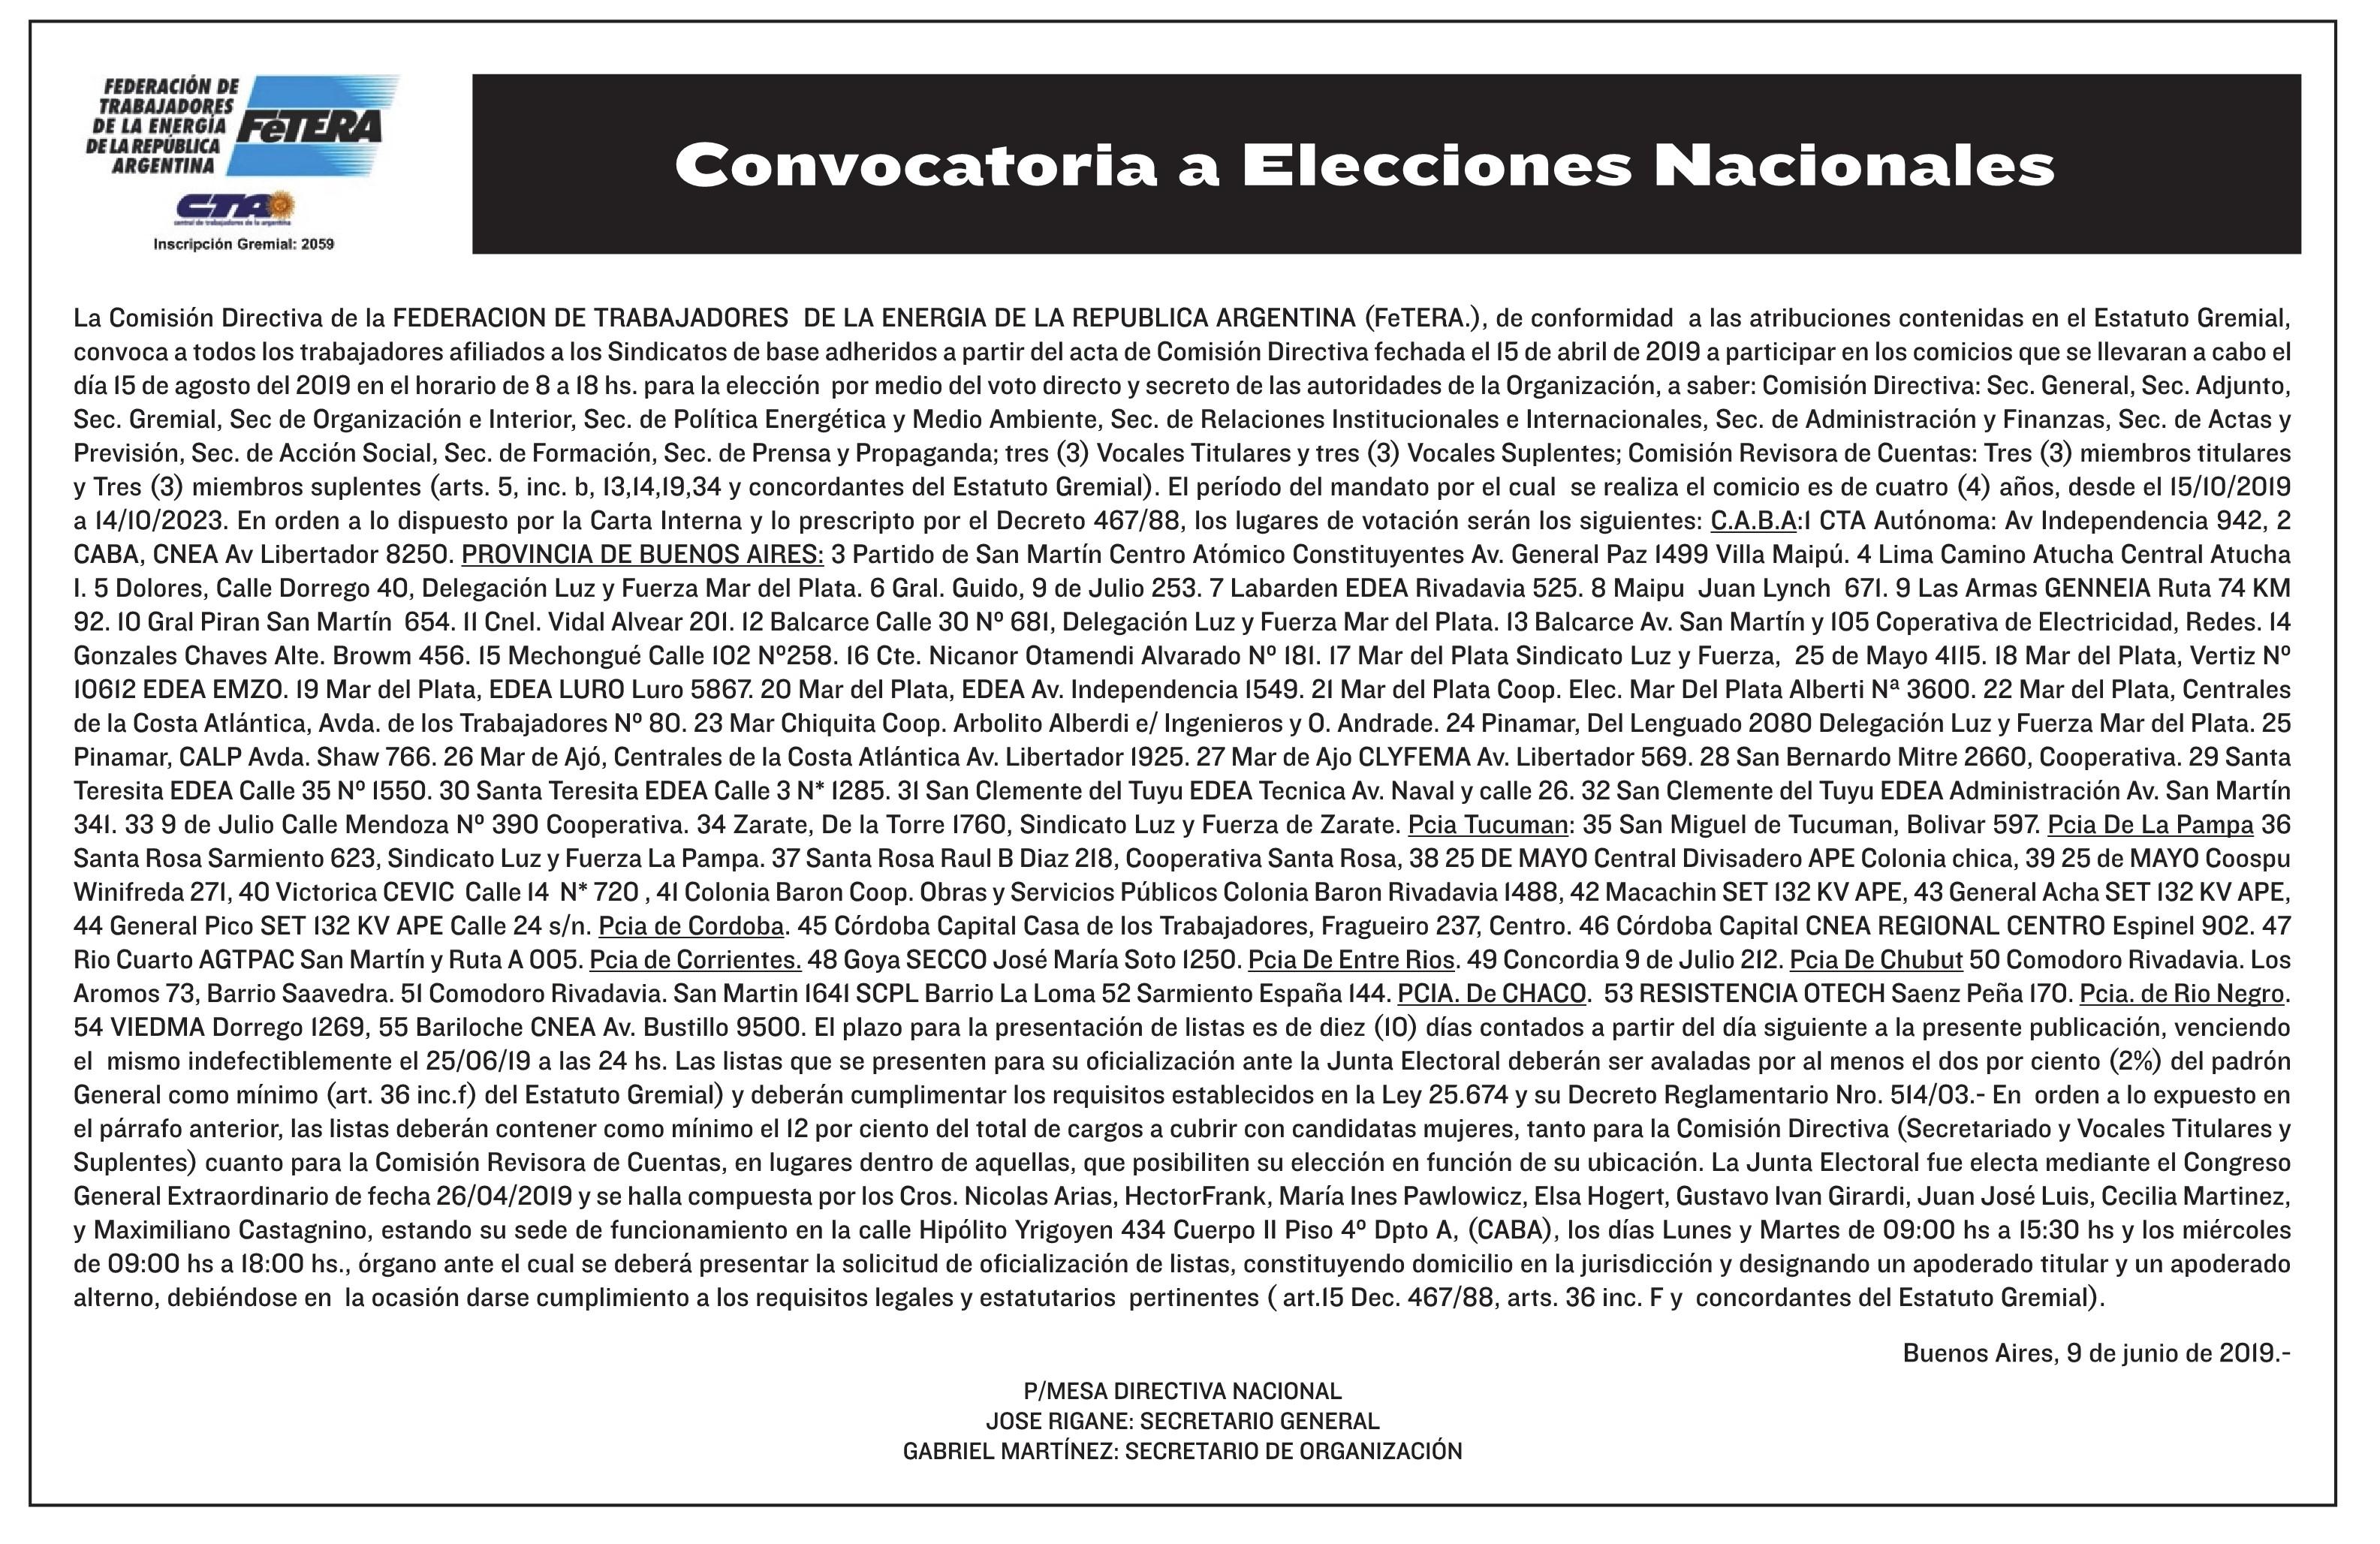 La FeTERA convocó a sus elecciones nacionales 2019